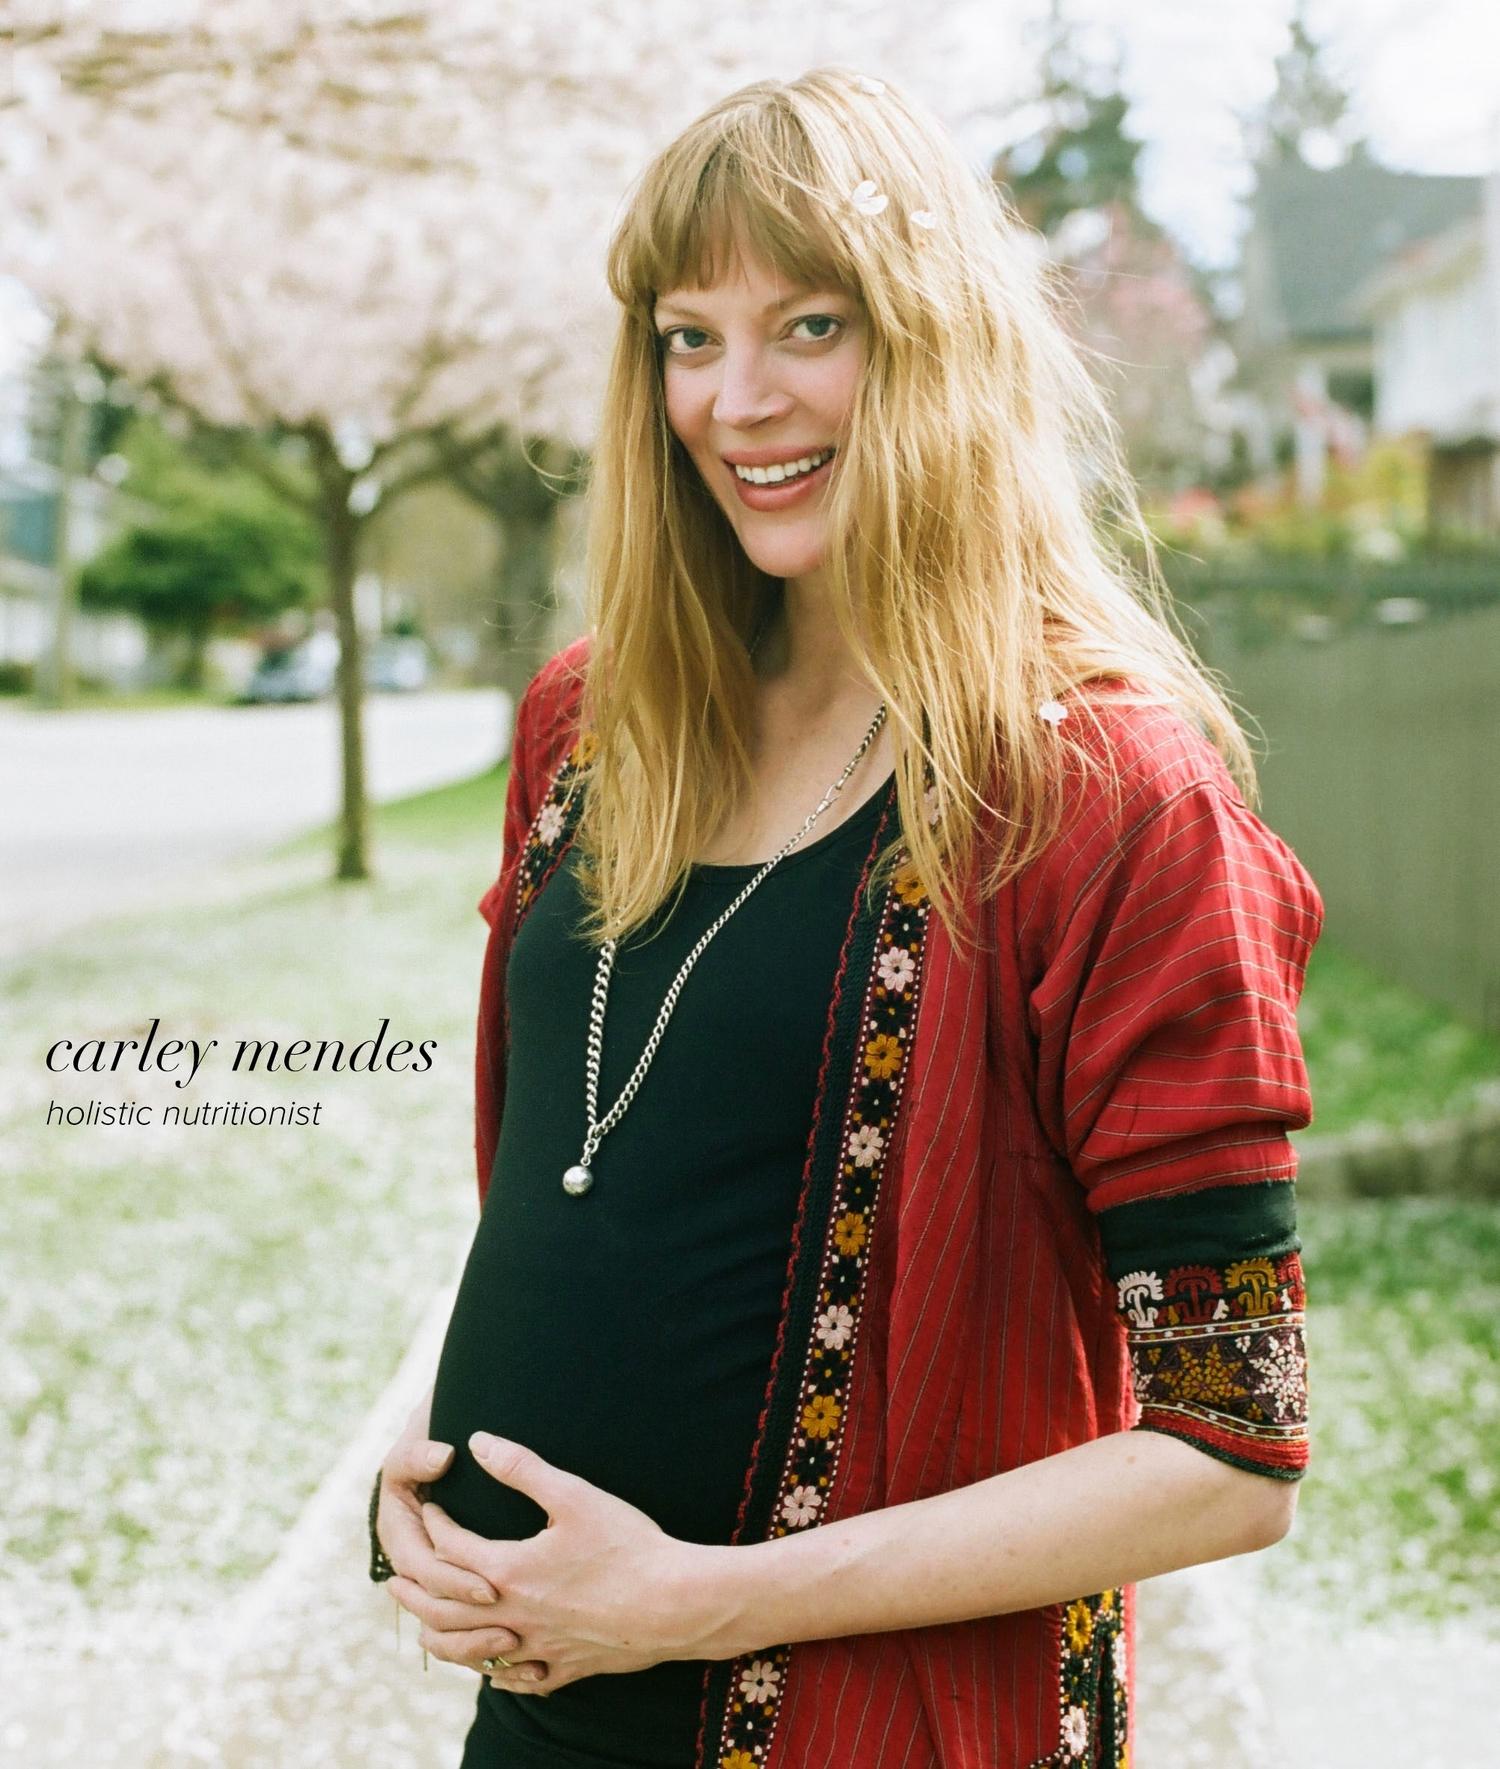 Carley Mendes